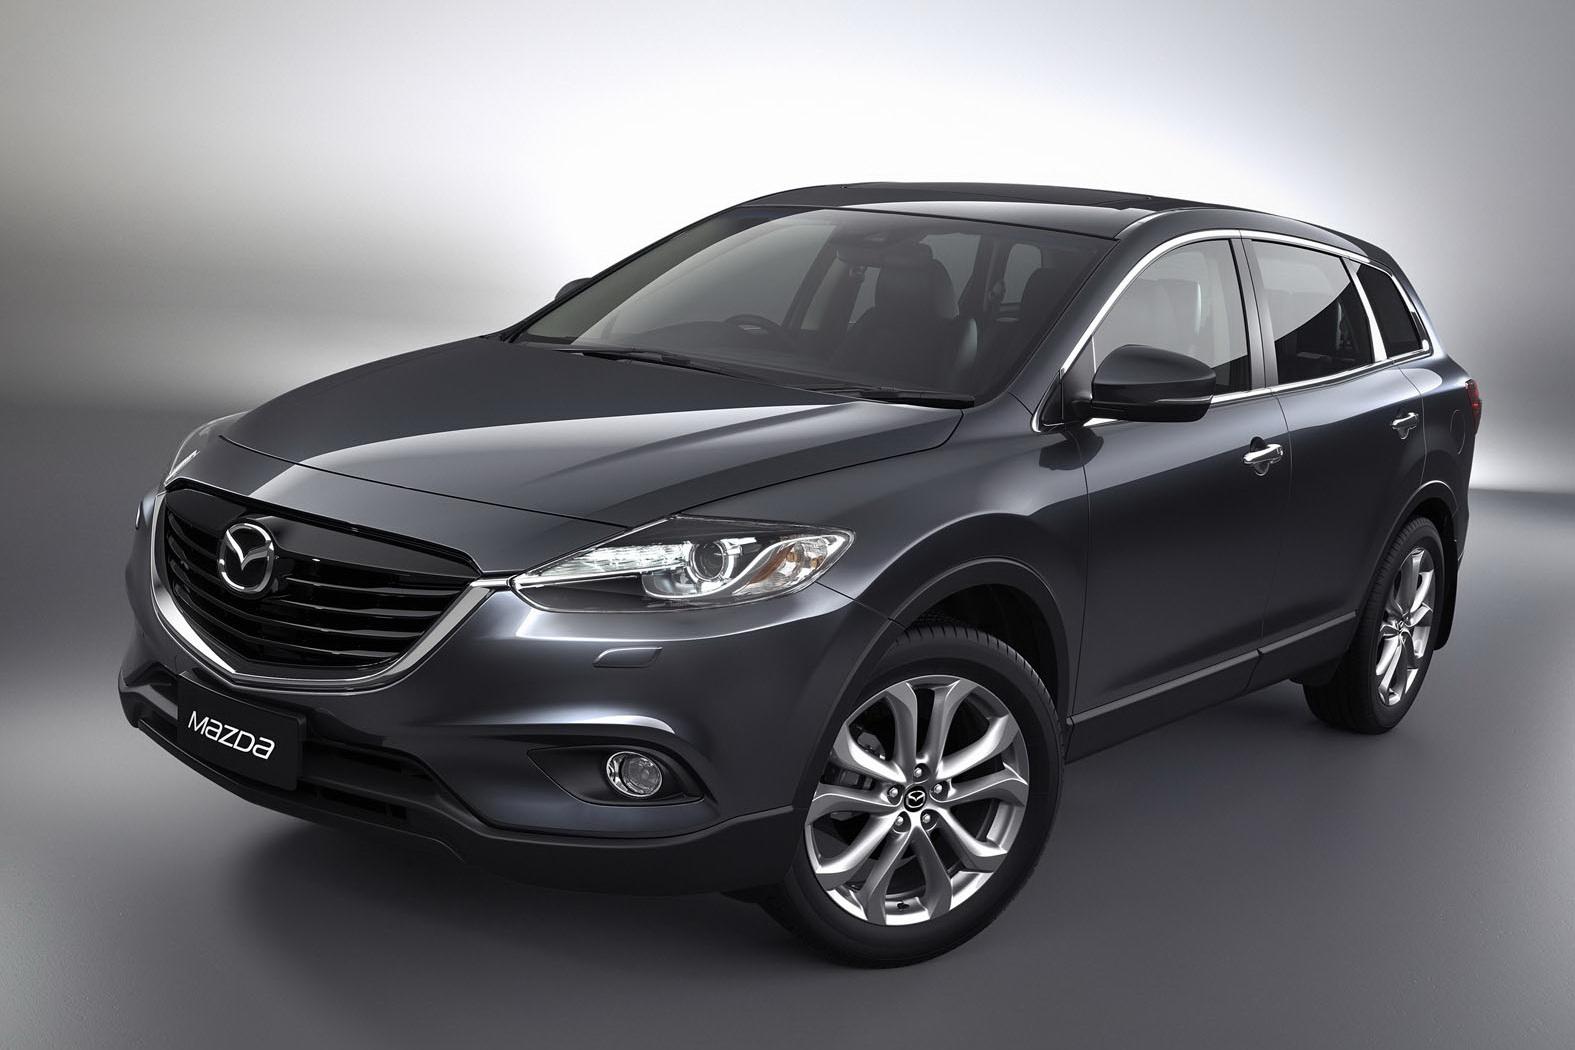 Harga Ford Focus Daftar Harga Mobil Baru Dan Mobil Bekas | Short News